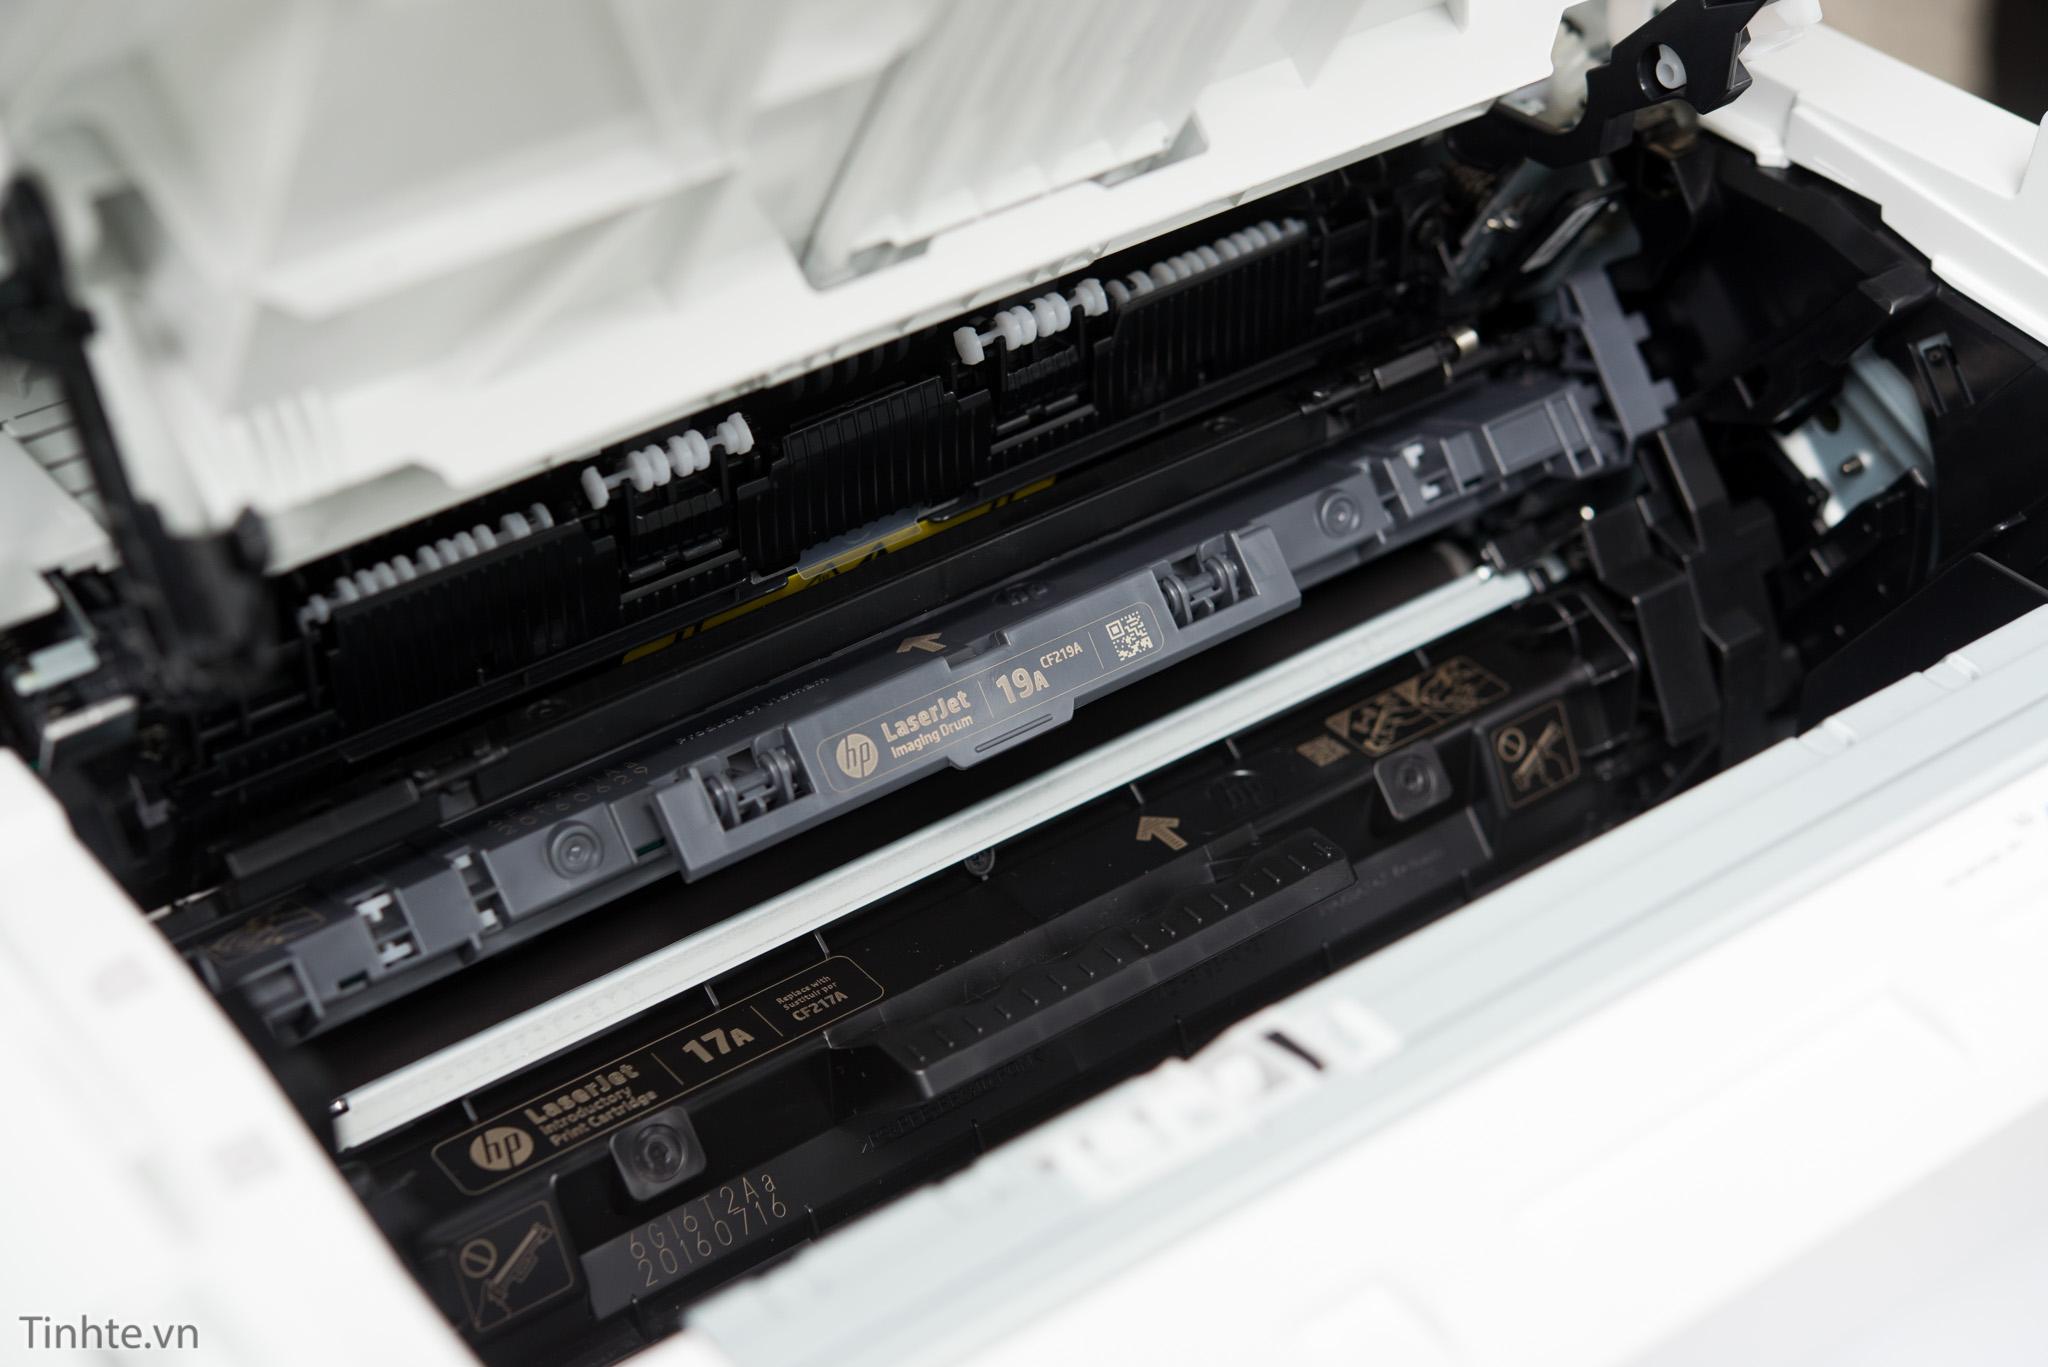 HP M130a_tinhte.vn 6.jpg